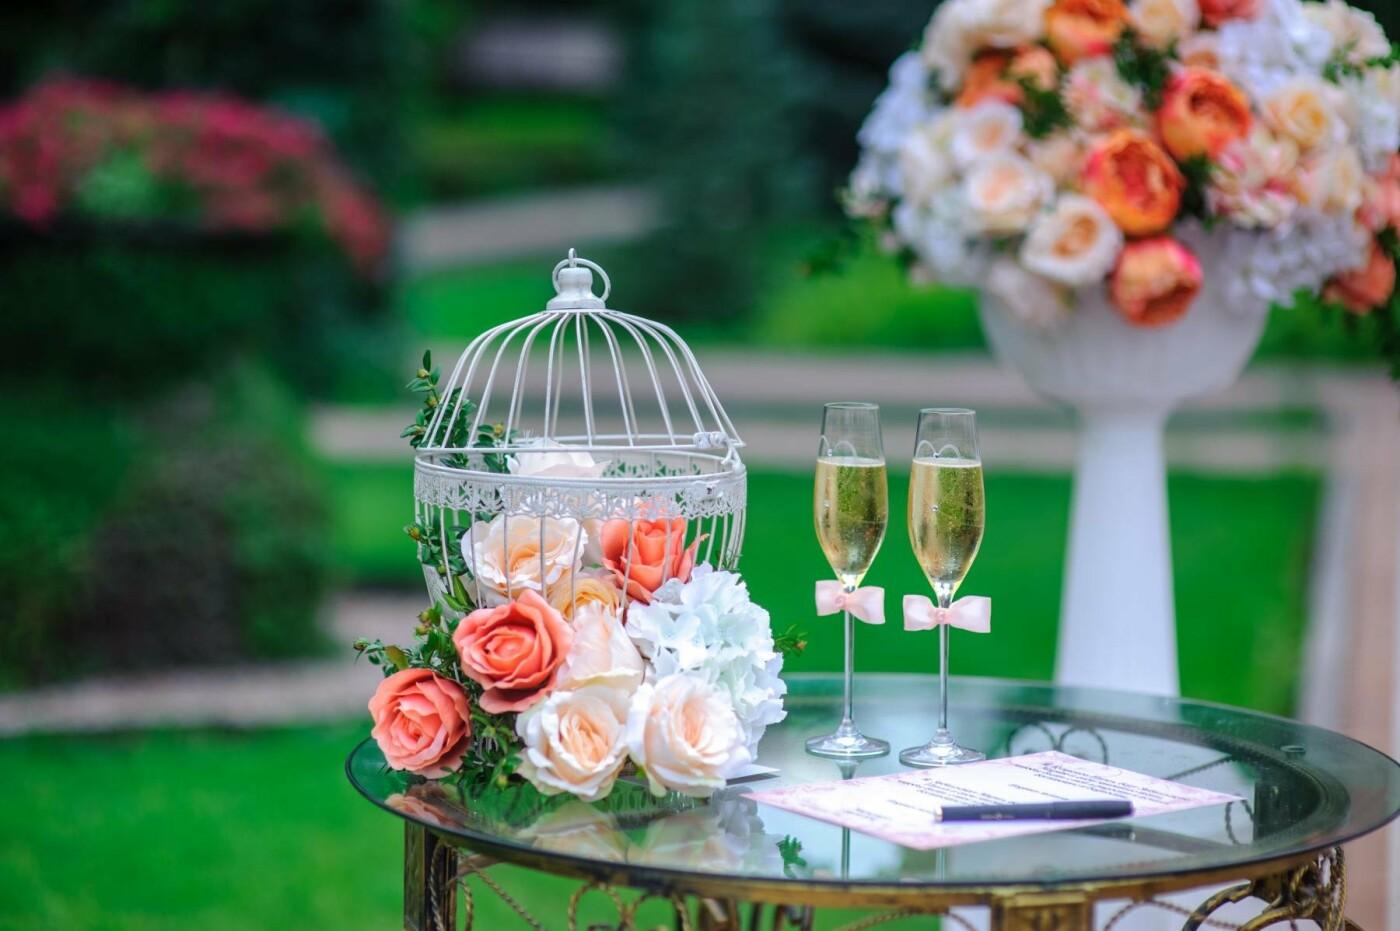 28 января в ресторане ВиМарко пройдет мастер-класс для невест от агентства Marry Me, фото-5